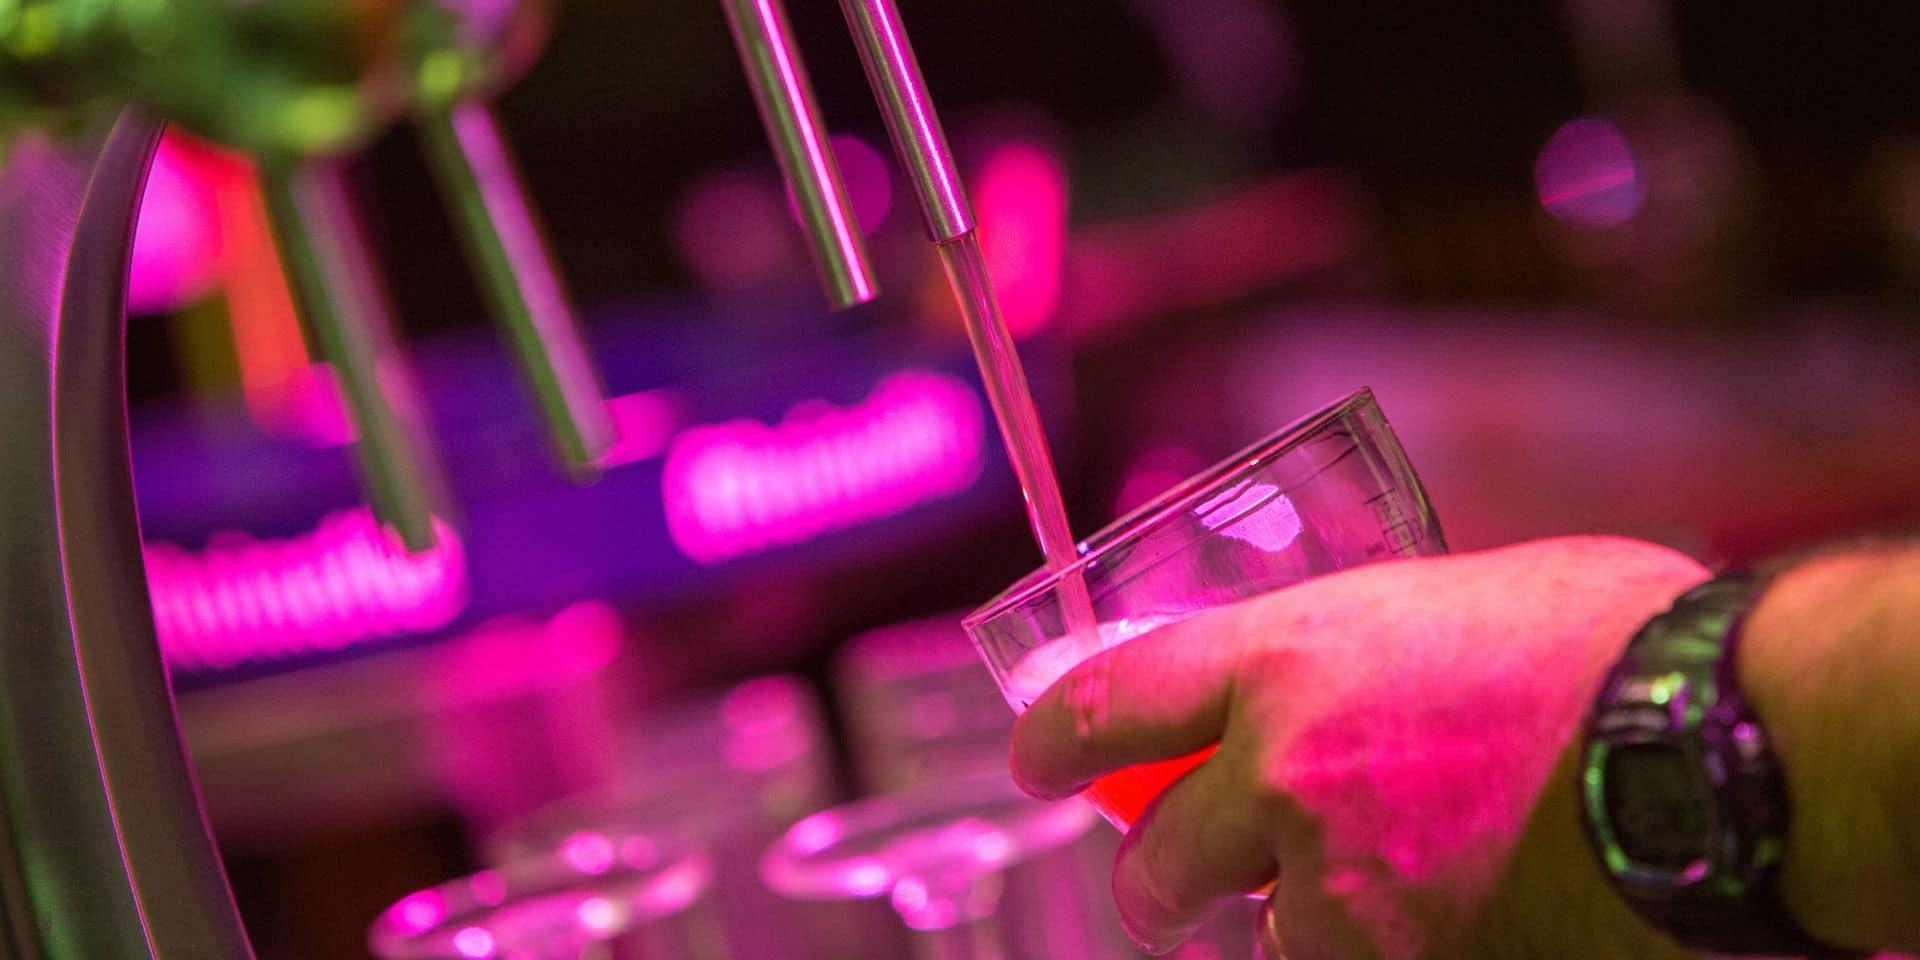 La Province du Hainaut lance son concours de bières